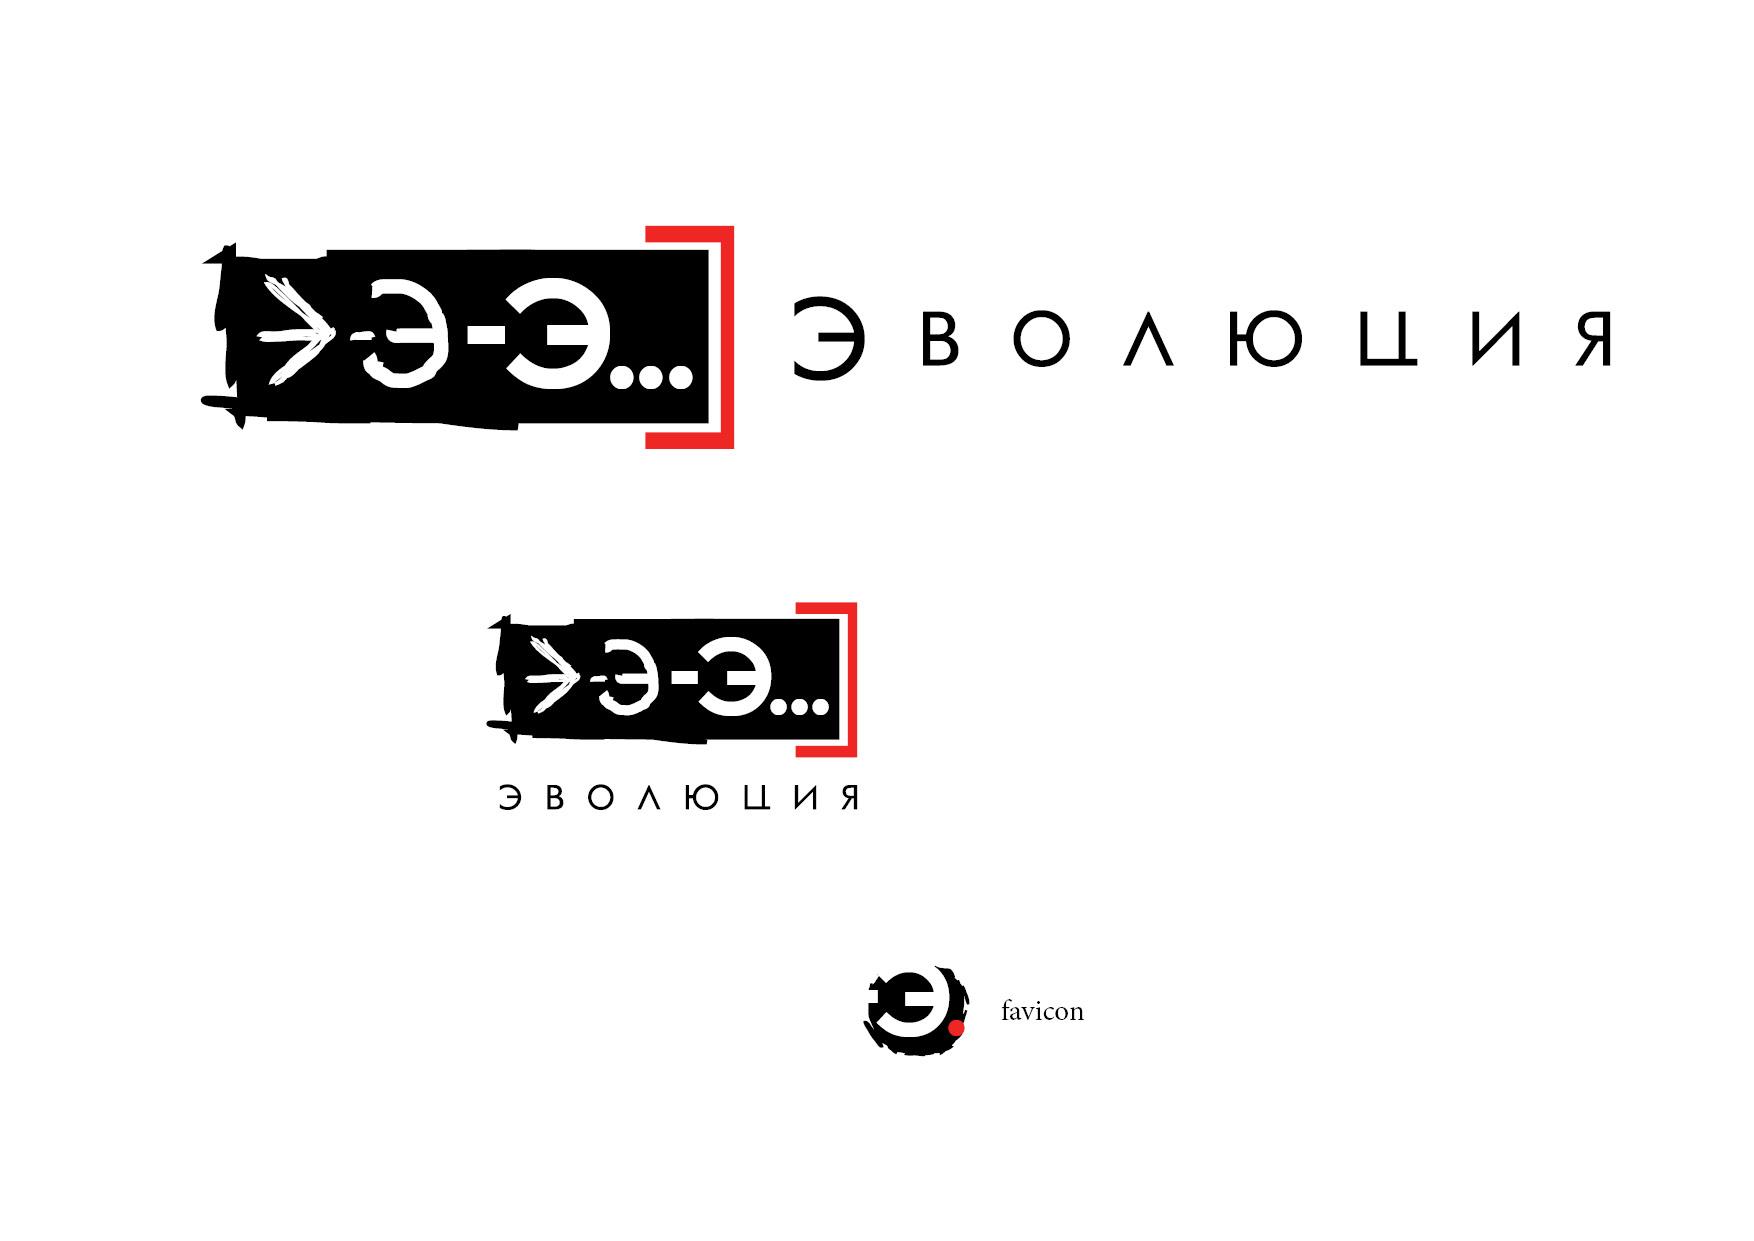 Разработать логотип для Онлайн-школы и сообщества фото f_6215bbf6376448f0.jpg